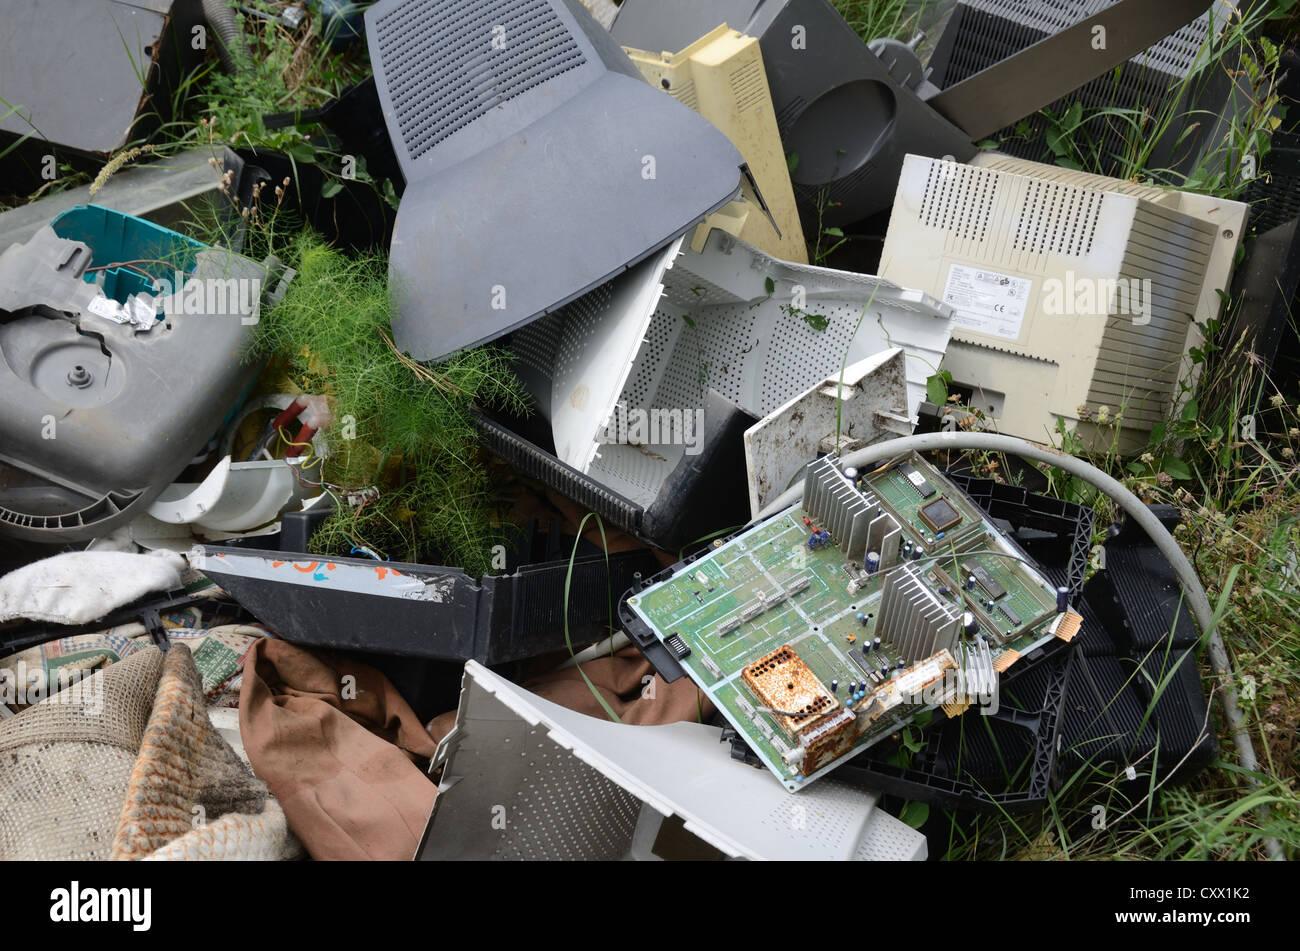 Ausrangierte Computer und Festplatten im Dump oder Abfälle Tipp Provence Frankreich Stockbild